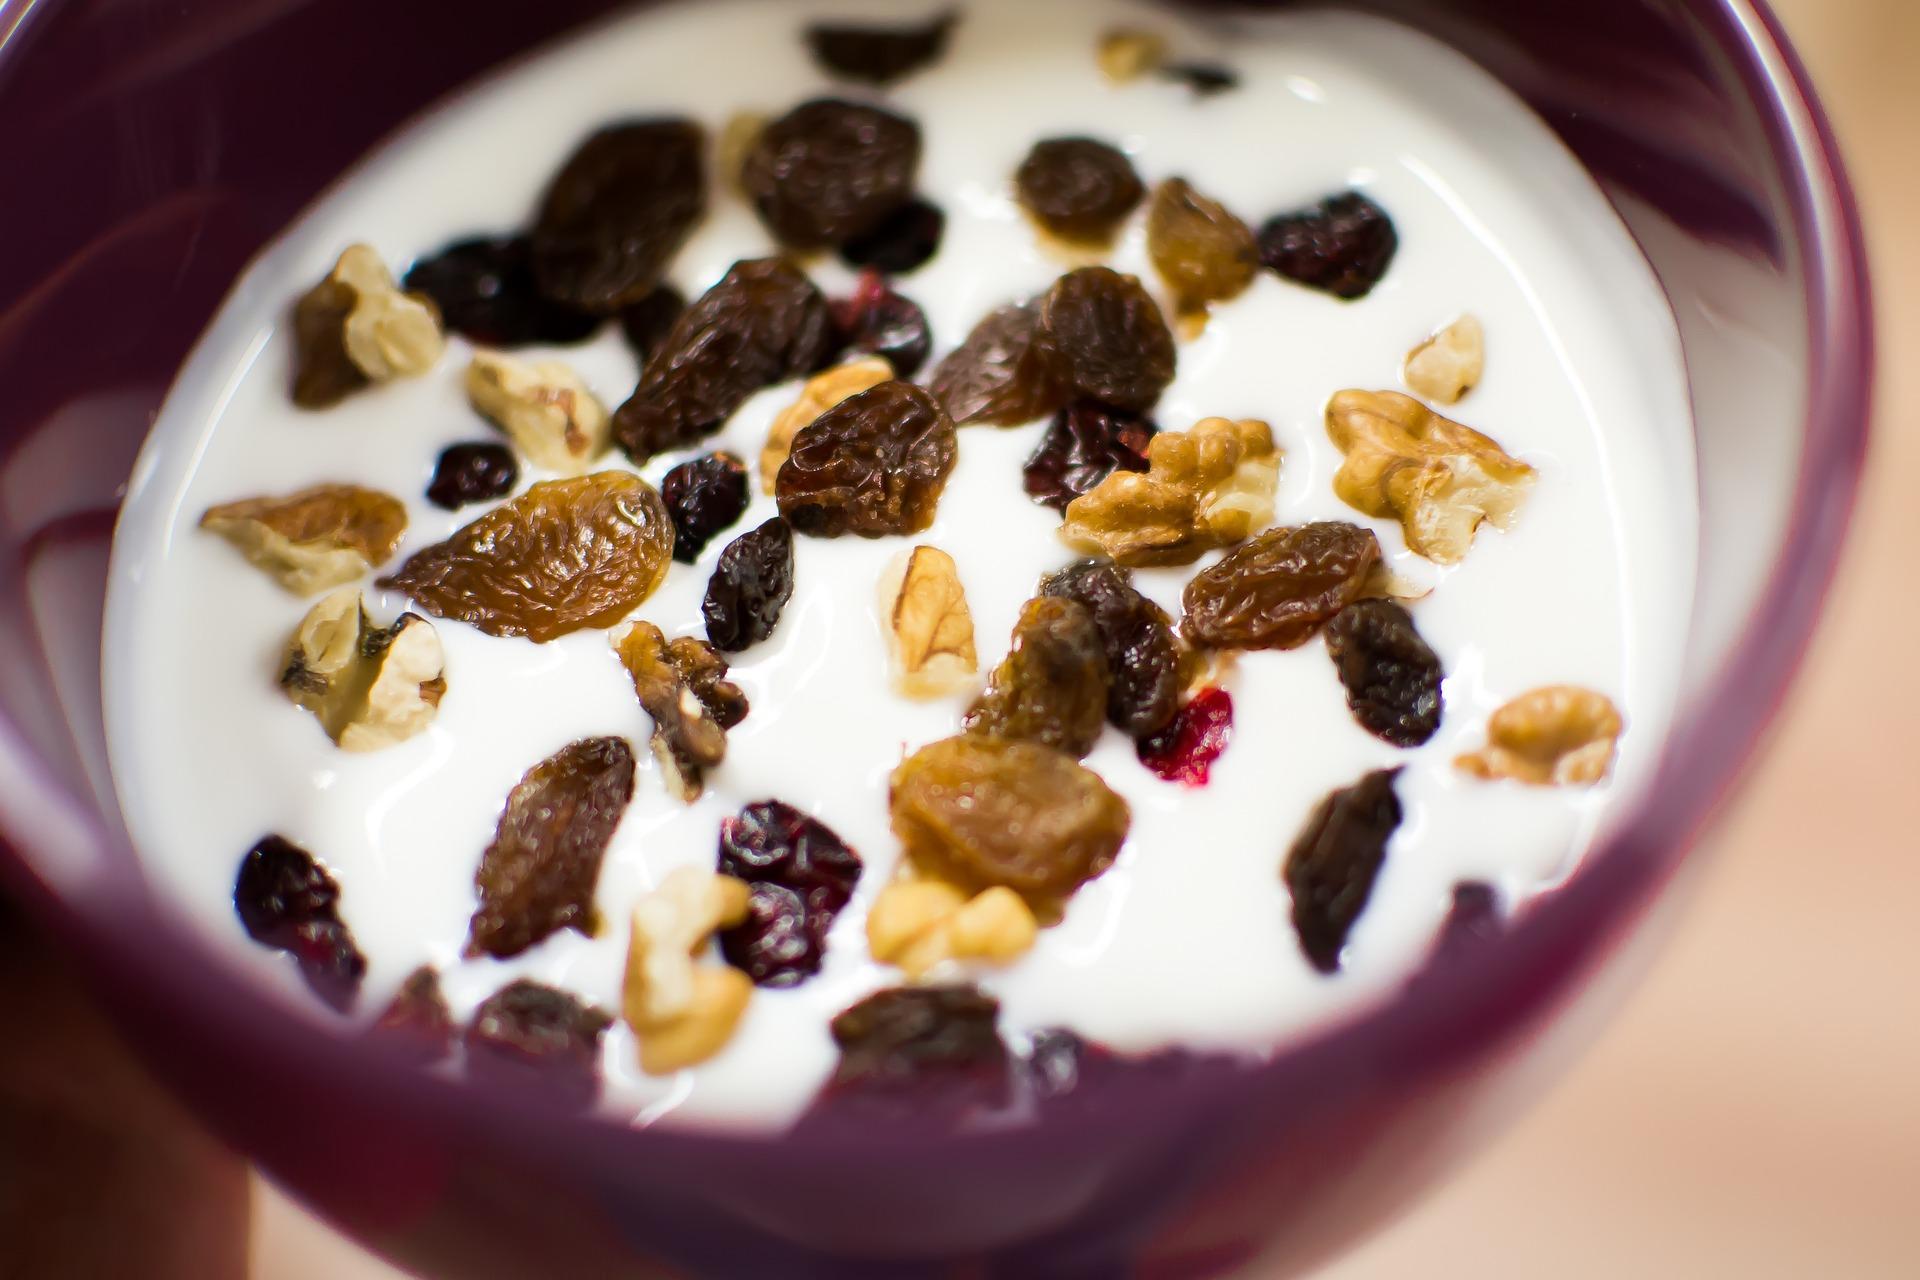 Jogurt grecki z bakaliami